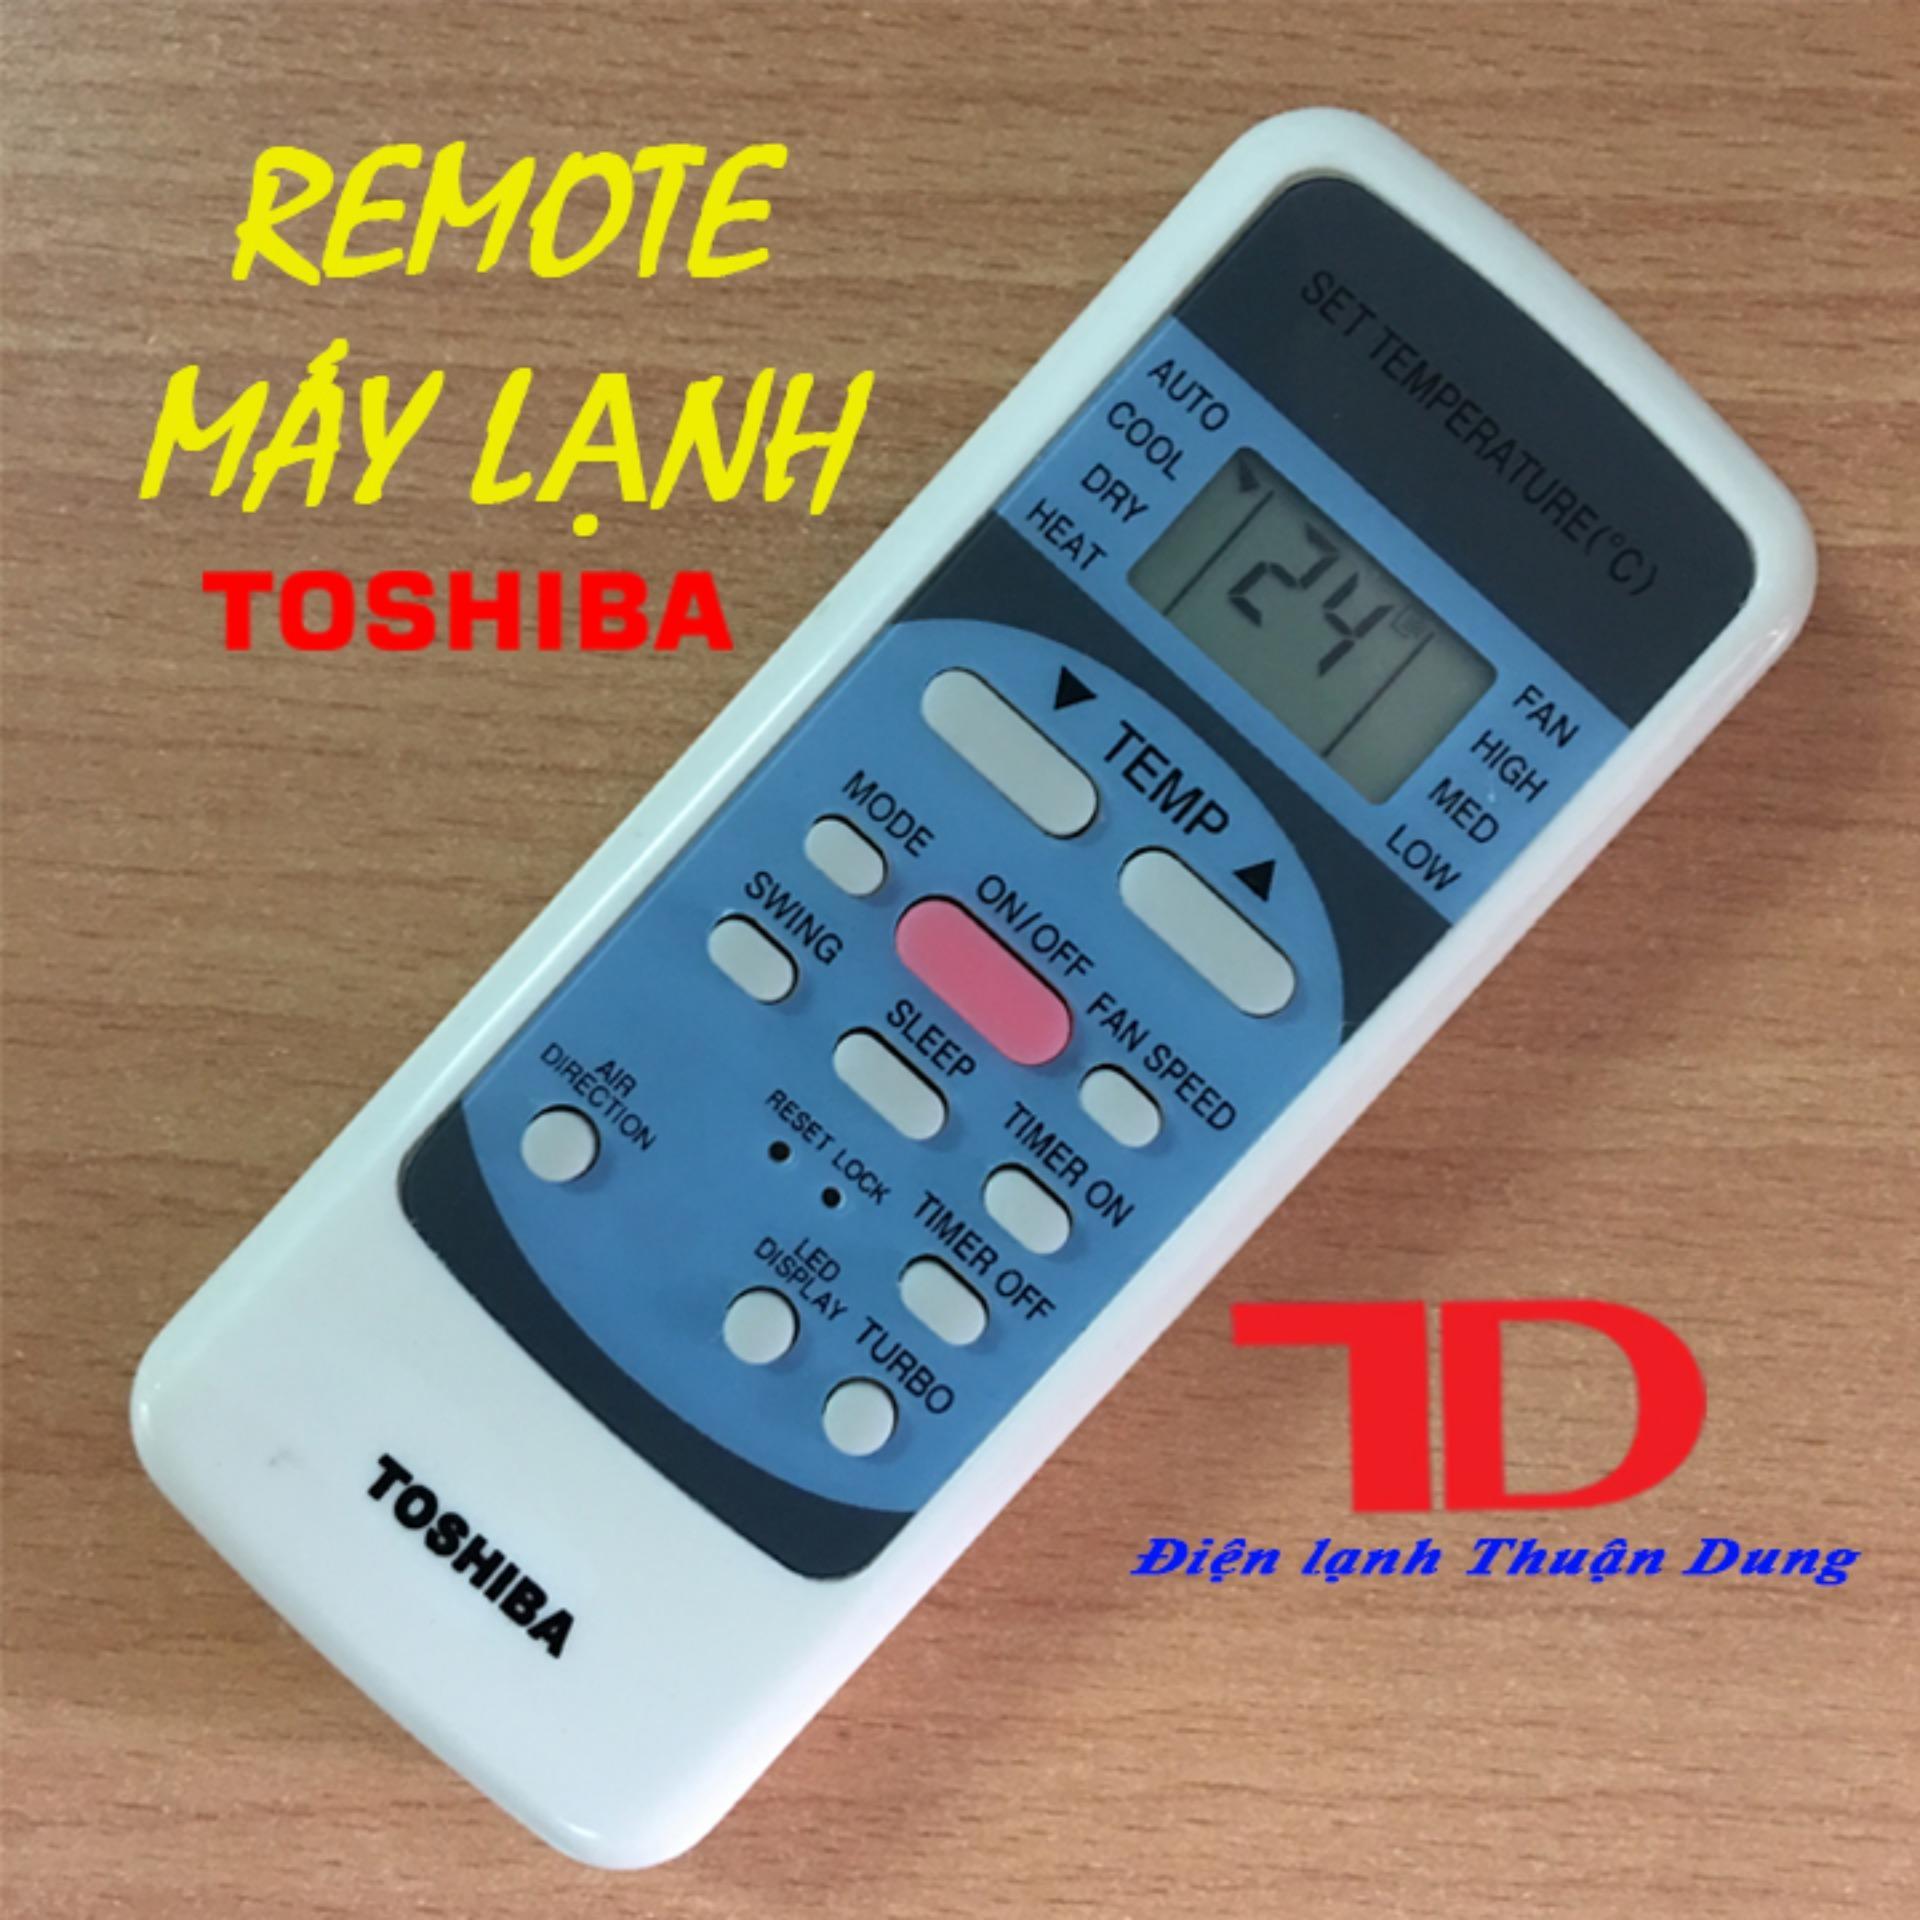 Điều khiển máy lạnh TOSHIBA